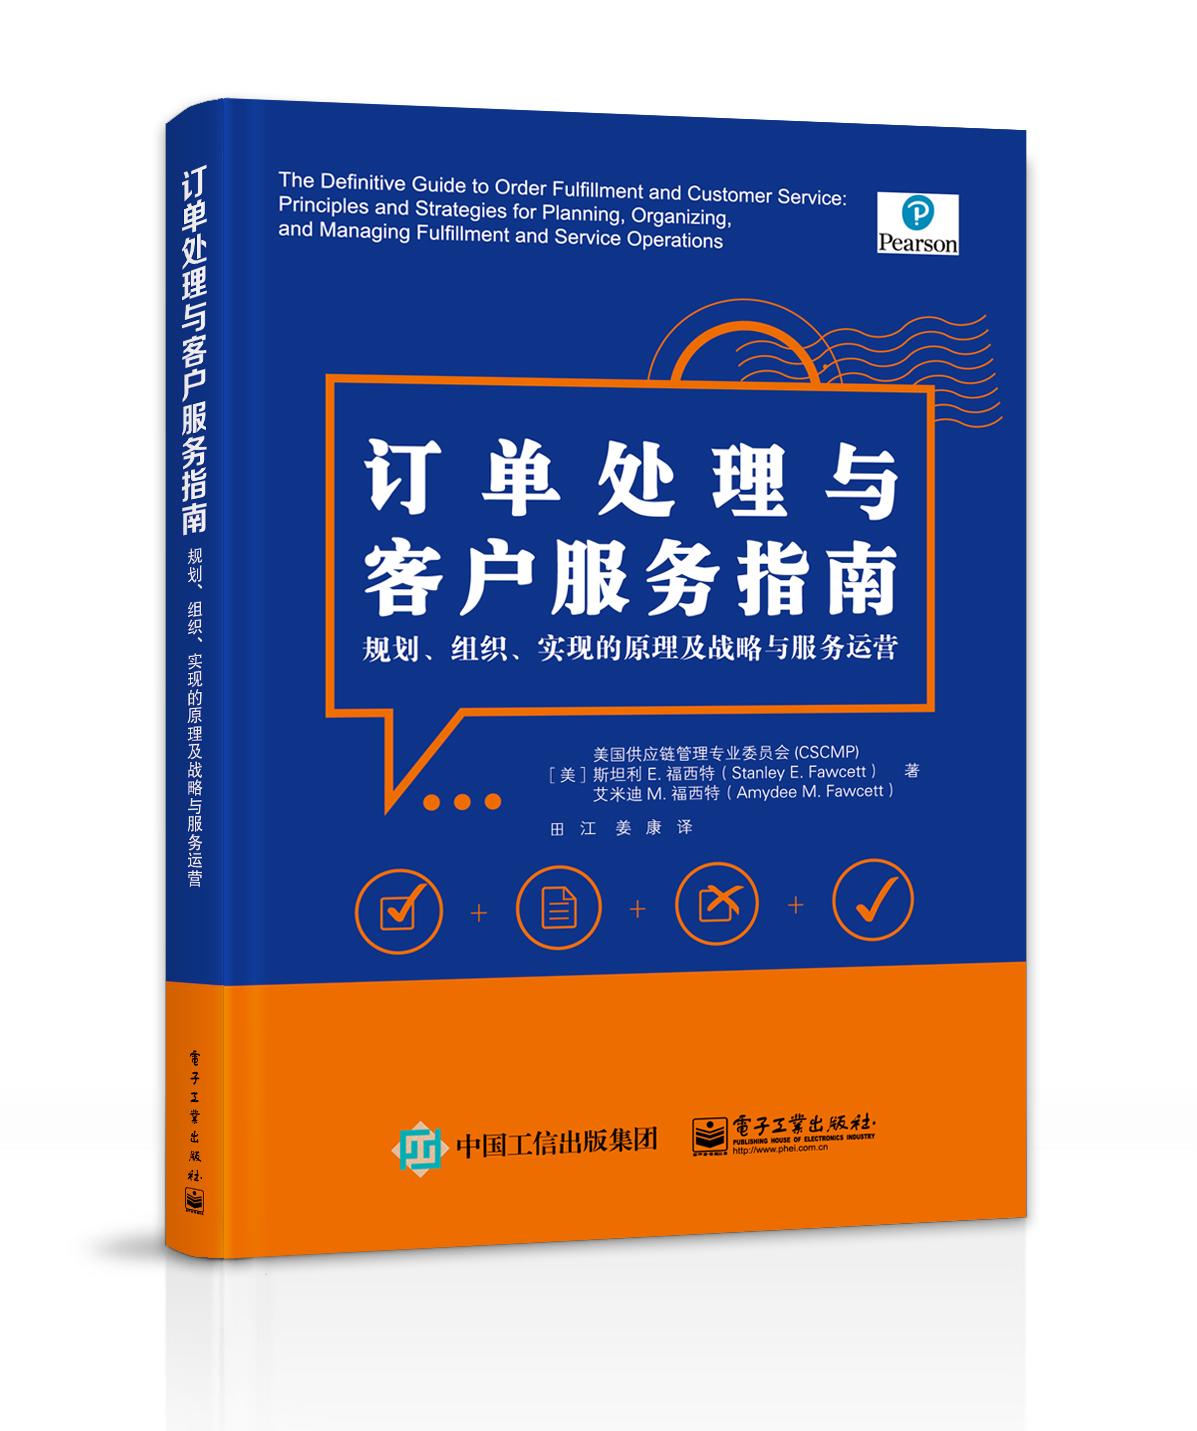 【销售书籍】订单处理与客户服务指南:规划、组织、实现的原理及战略与服务运营 订单管理 订单成本控制服务系统设计企业管理培训